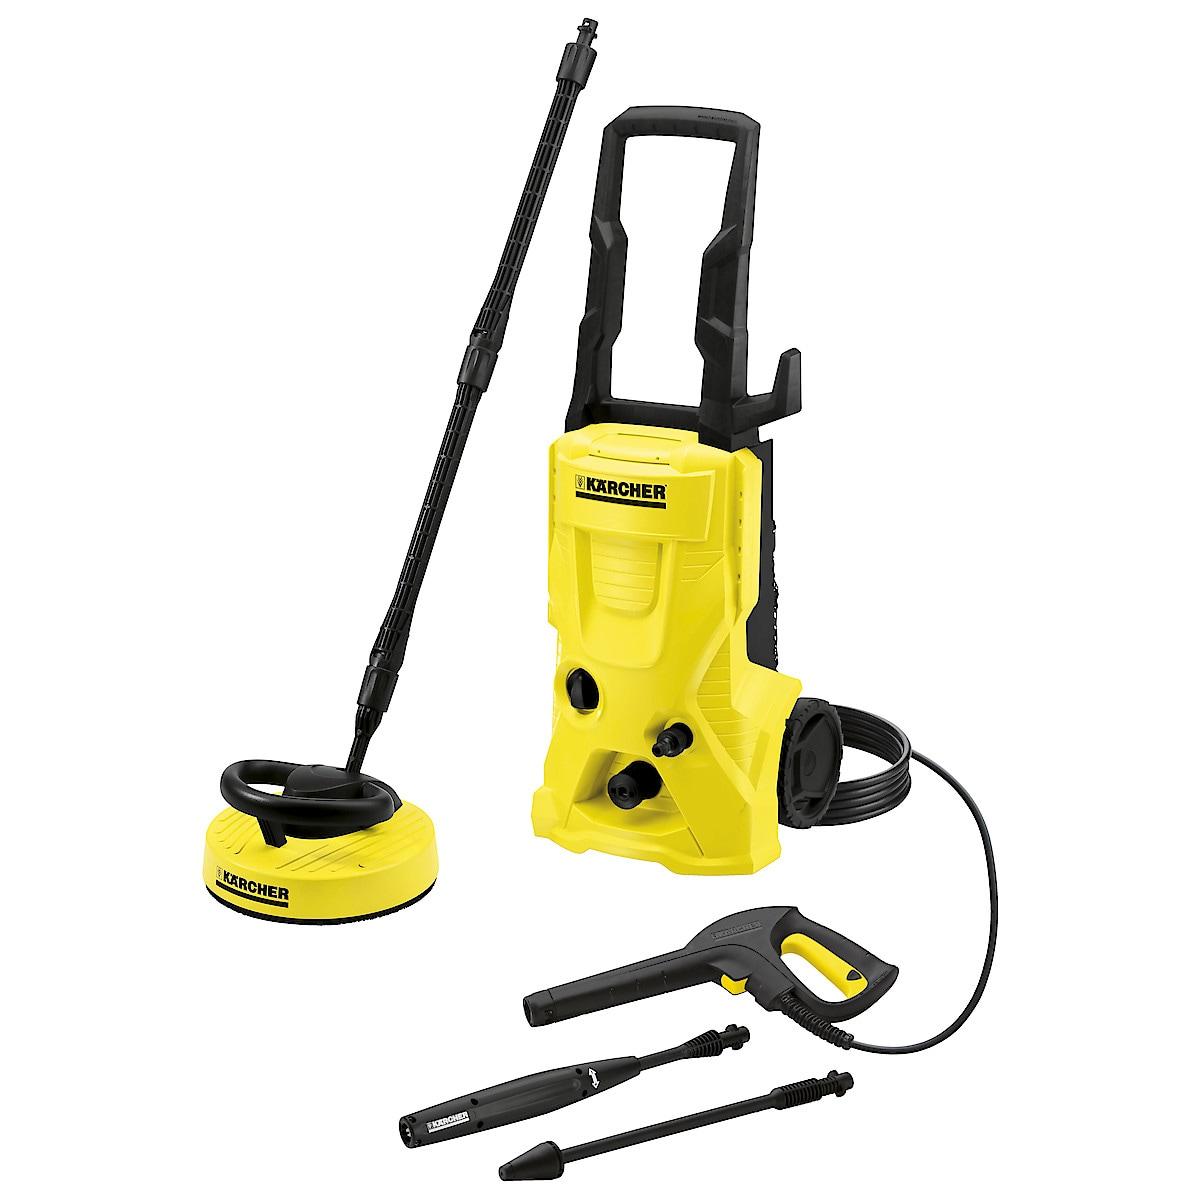 Högtryckstvätt Kärcher K3 500 T200